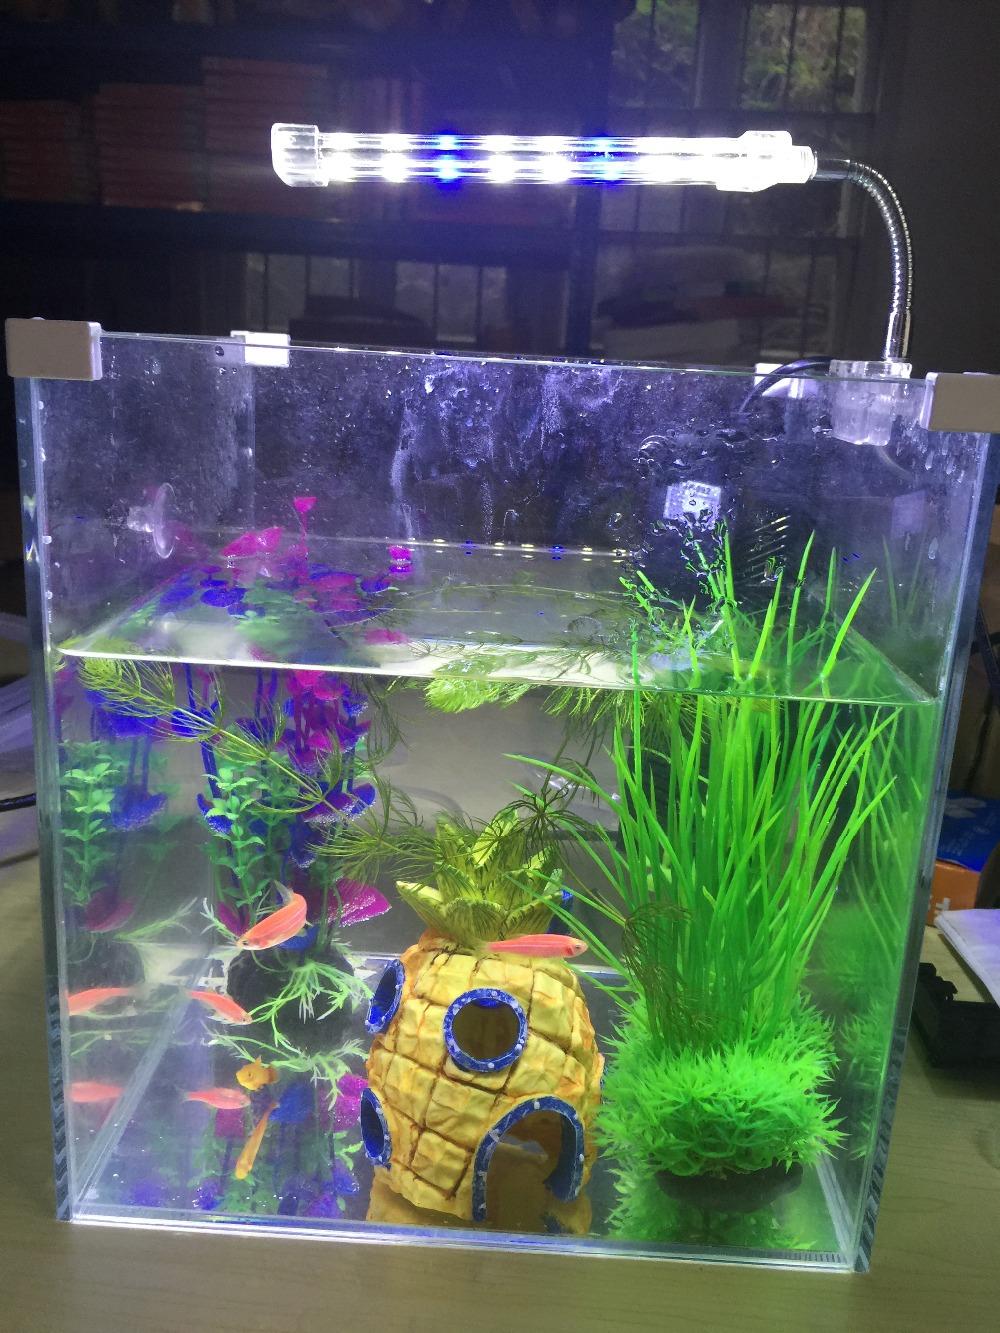 доставкой всей флюорисцентные лампы для аквариума проведение детского